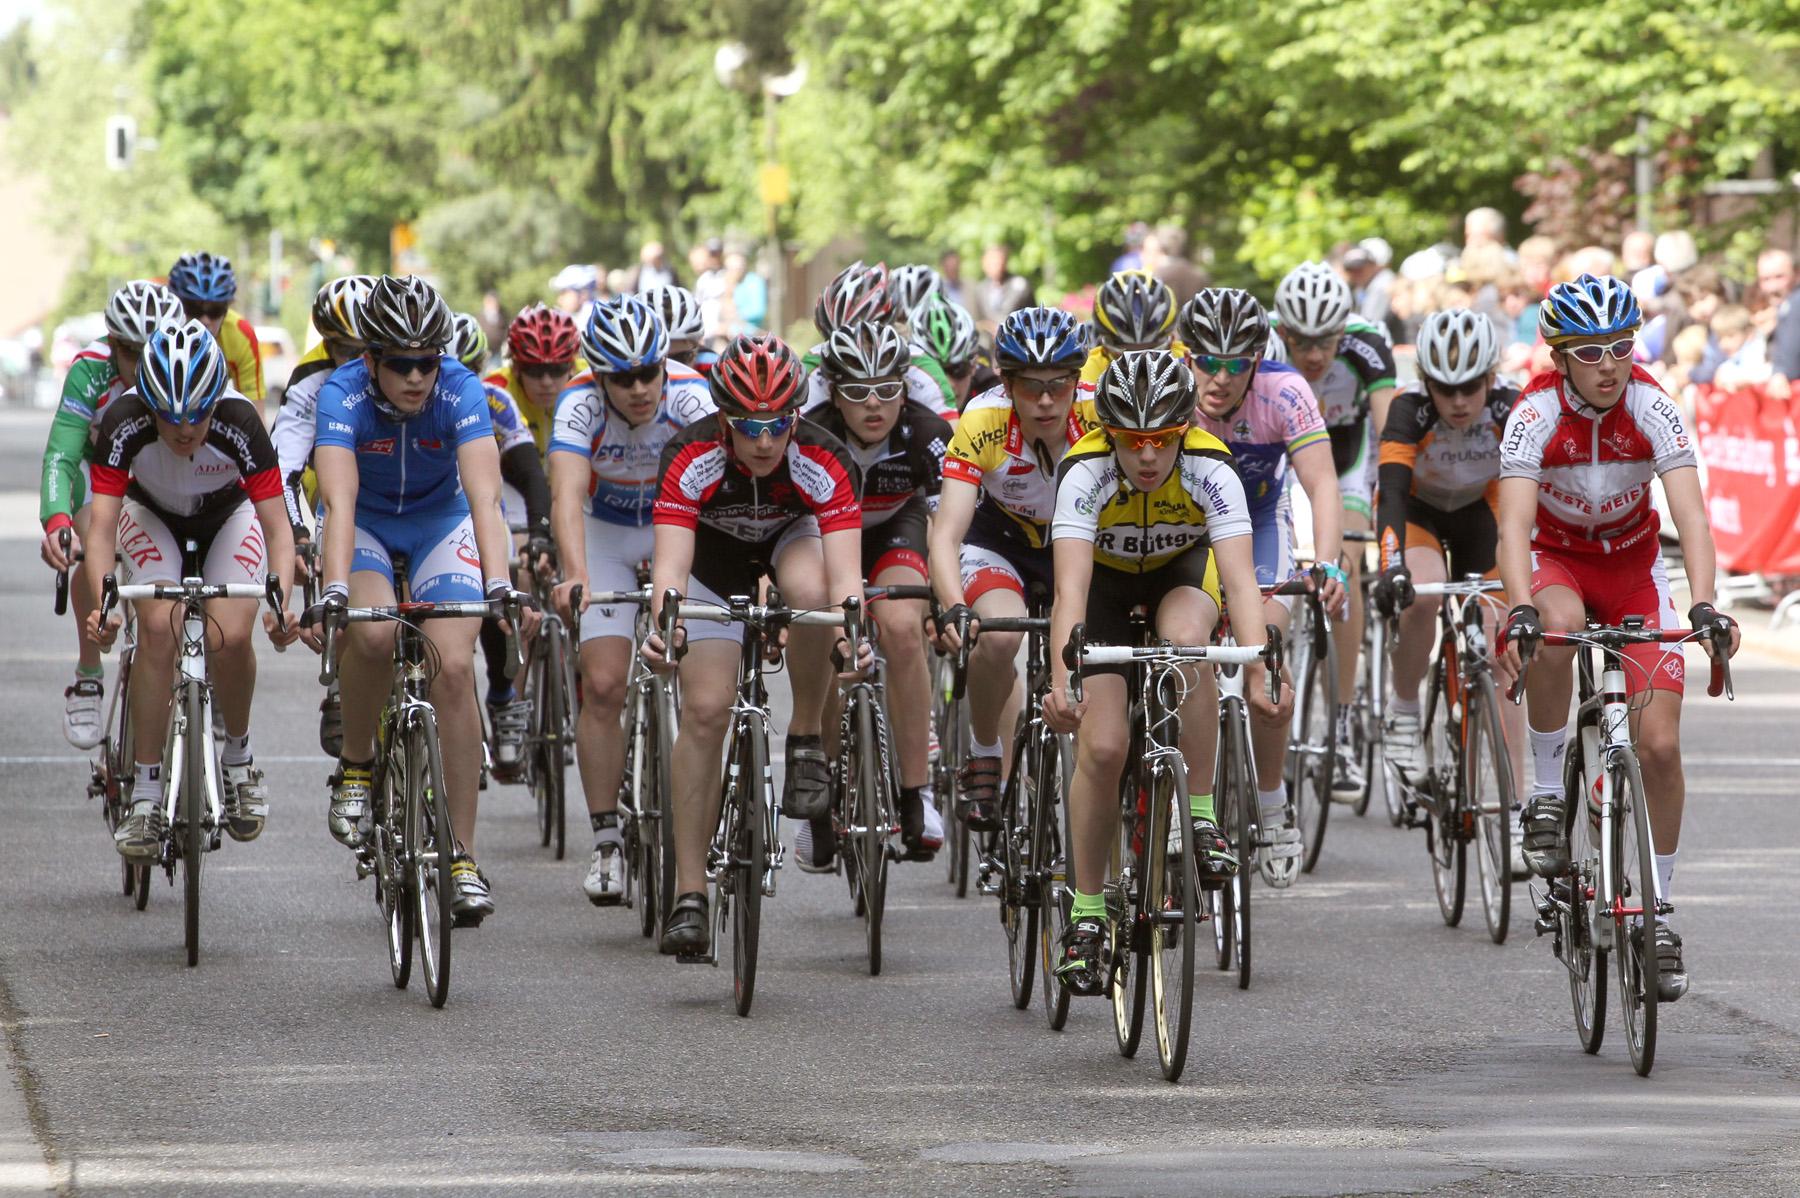 """62. Radrennen """"Rund in Refrath"""" um den Mediterana Preis"""